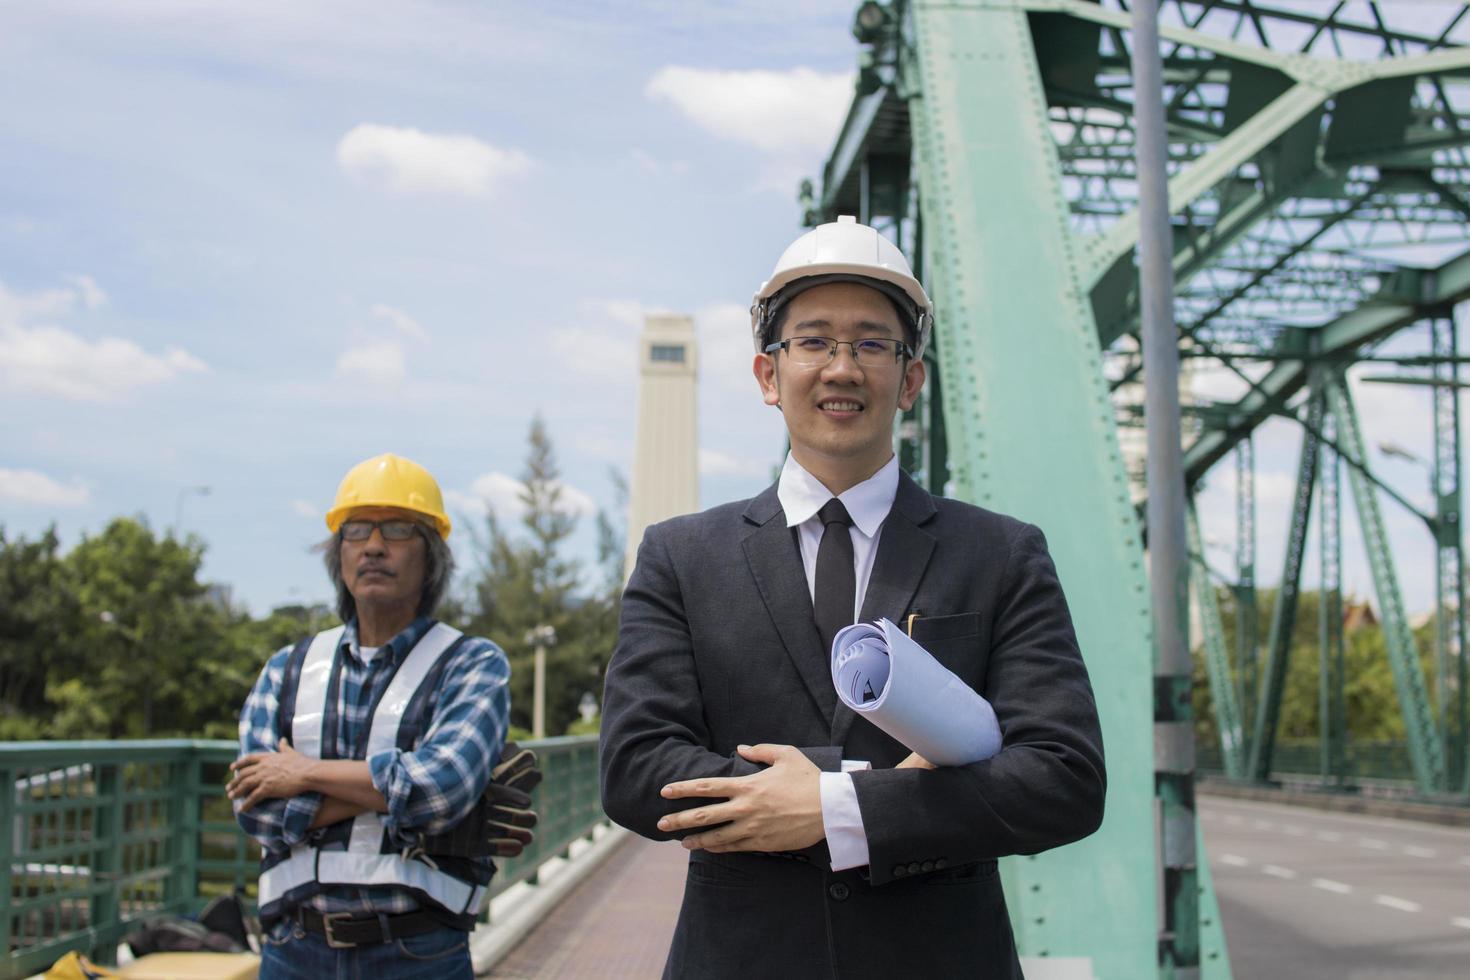 ingeniero y capataz de pie en el puente foto